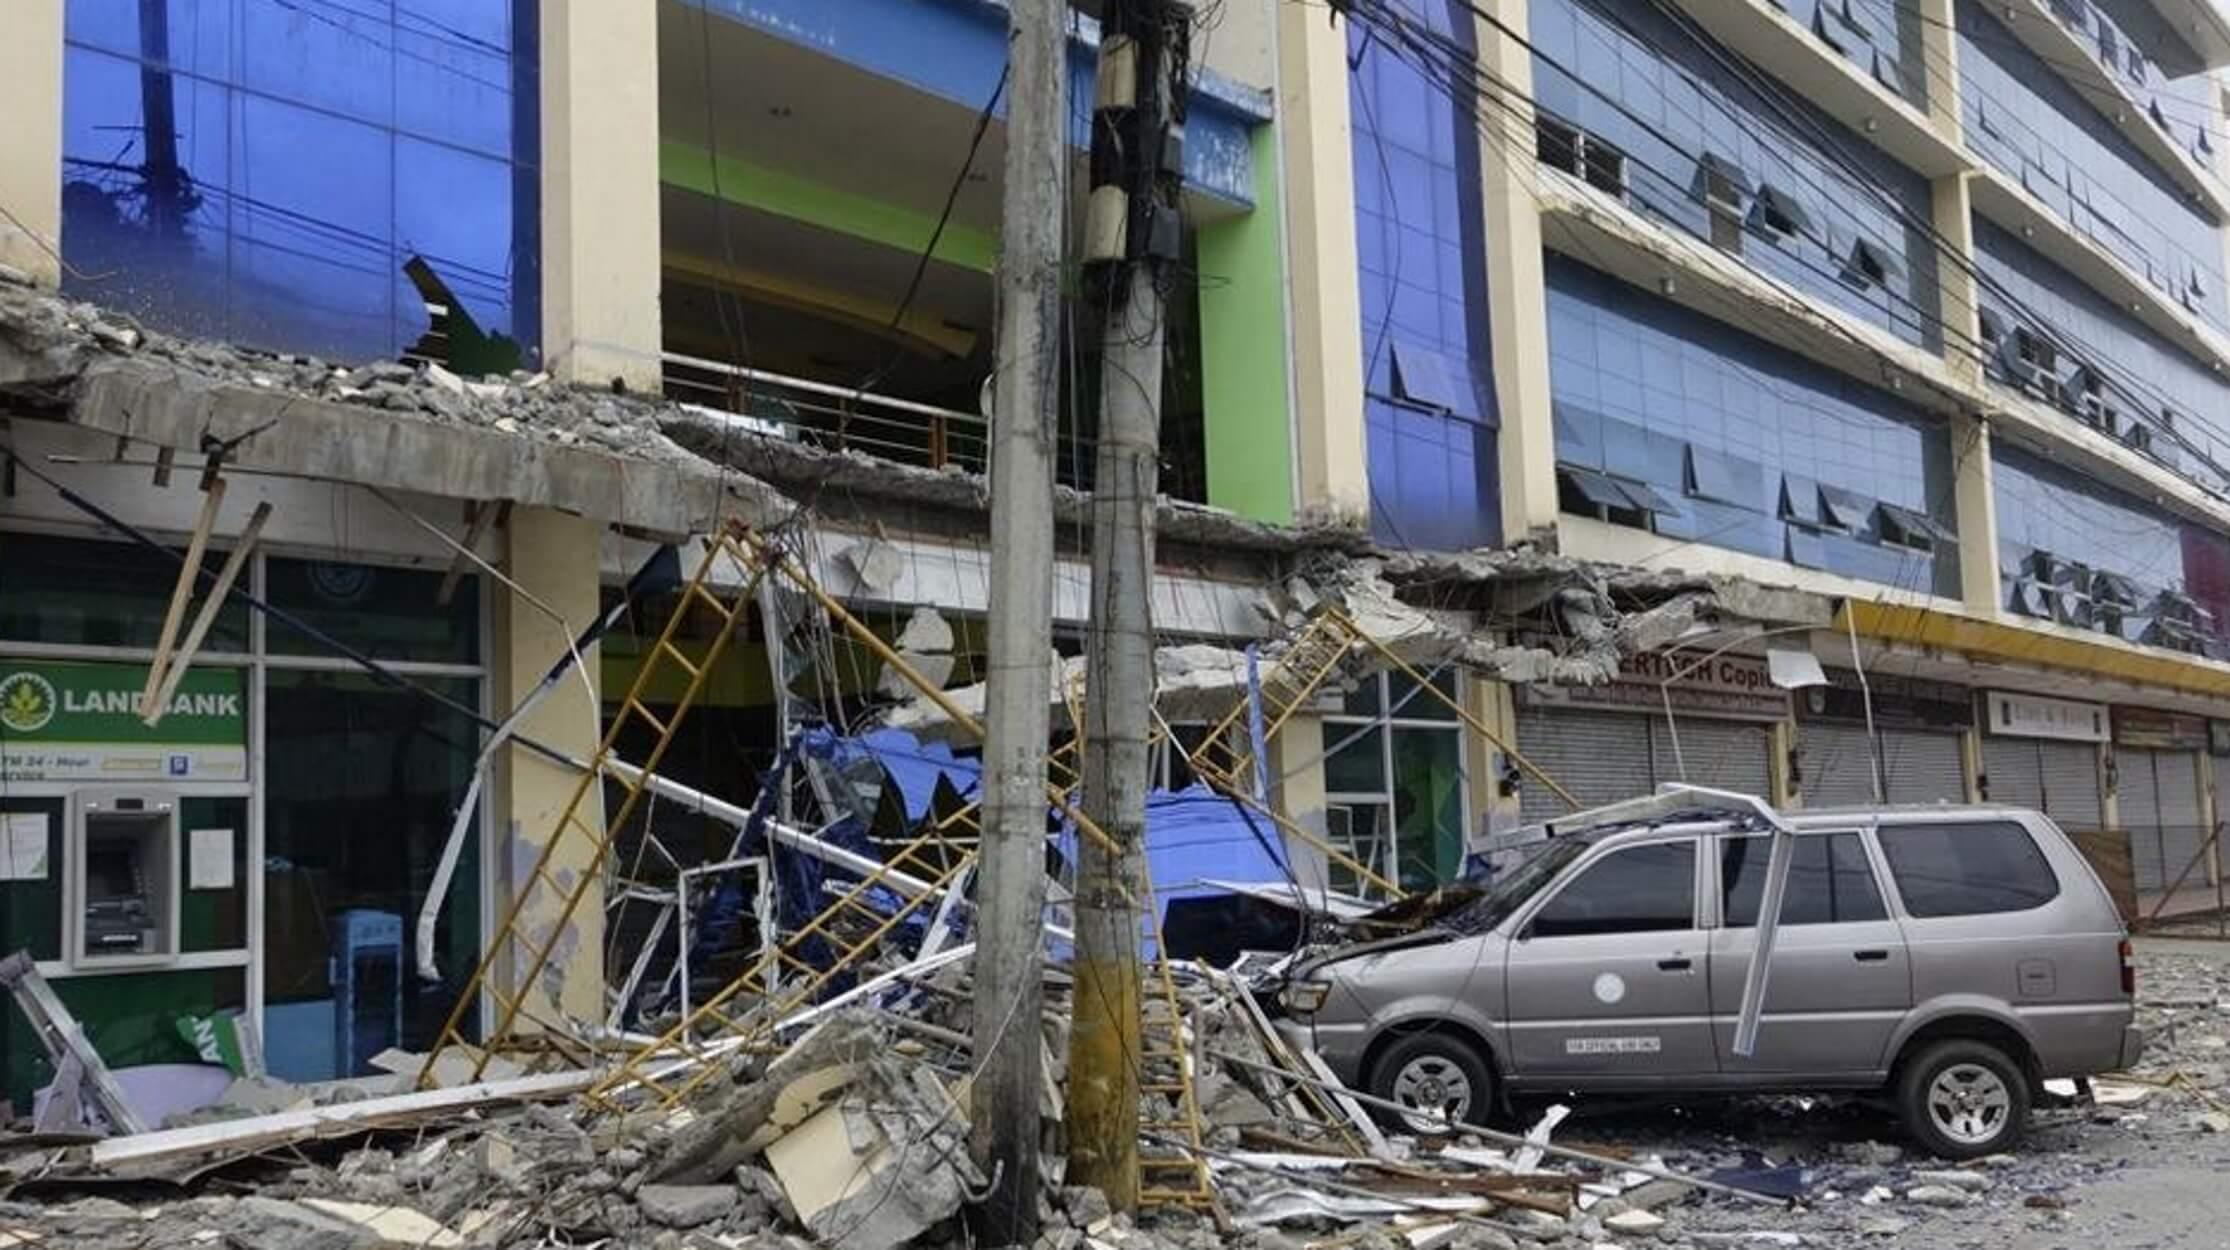 Συγκλονιστικά πλάνα από τα φονικά 6,3 Ρίχτερ στις Φιλιππίνες - Ουρανοξύστες πάλλονταν - Δρόμοι σχίστηκαν! [pics, videos]